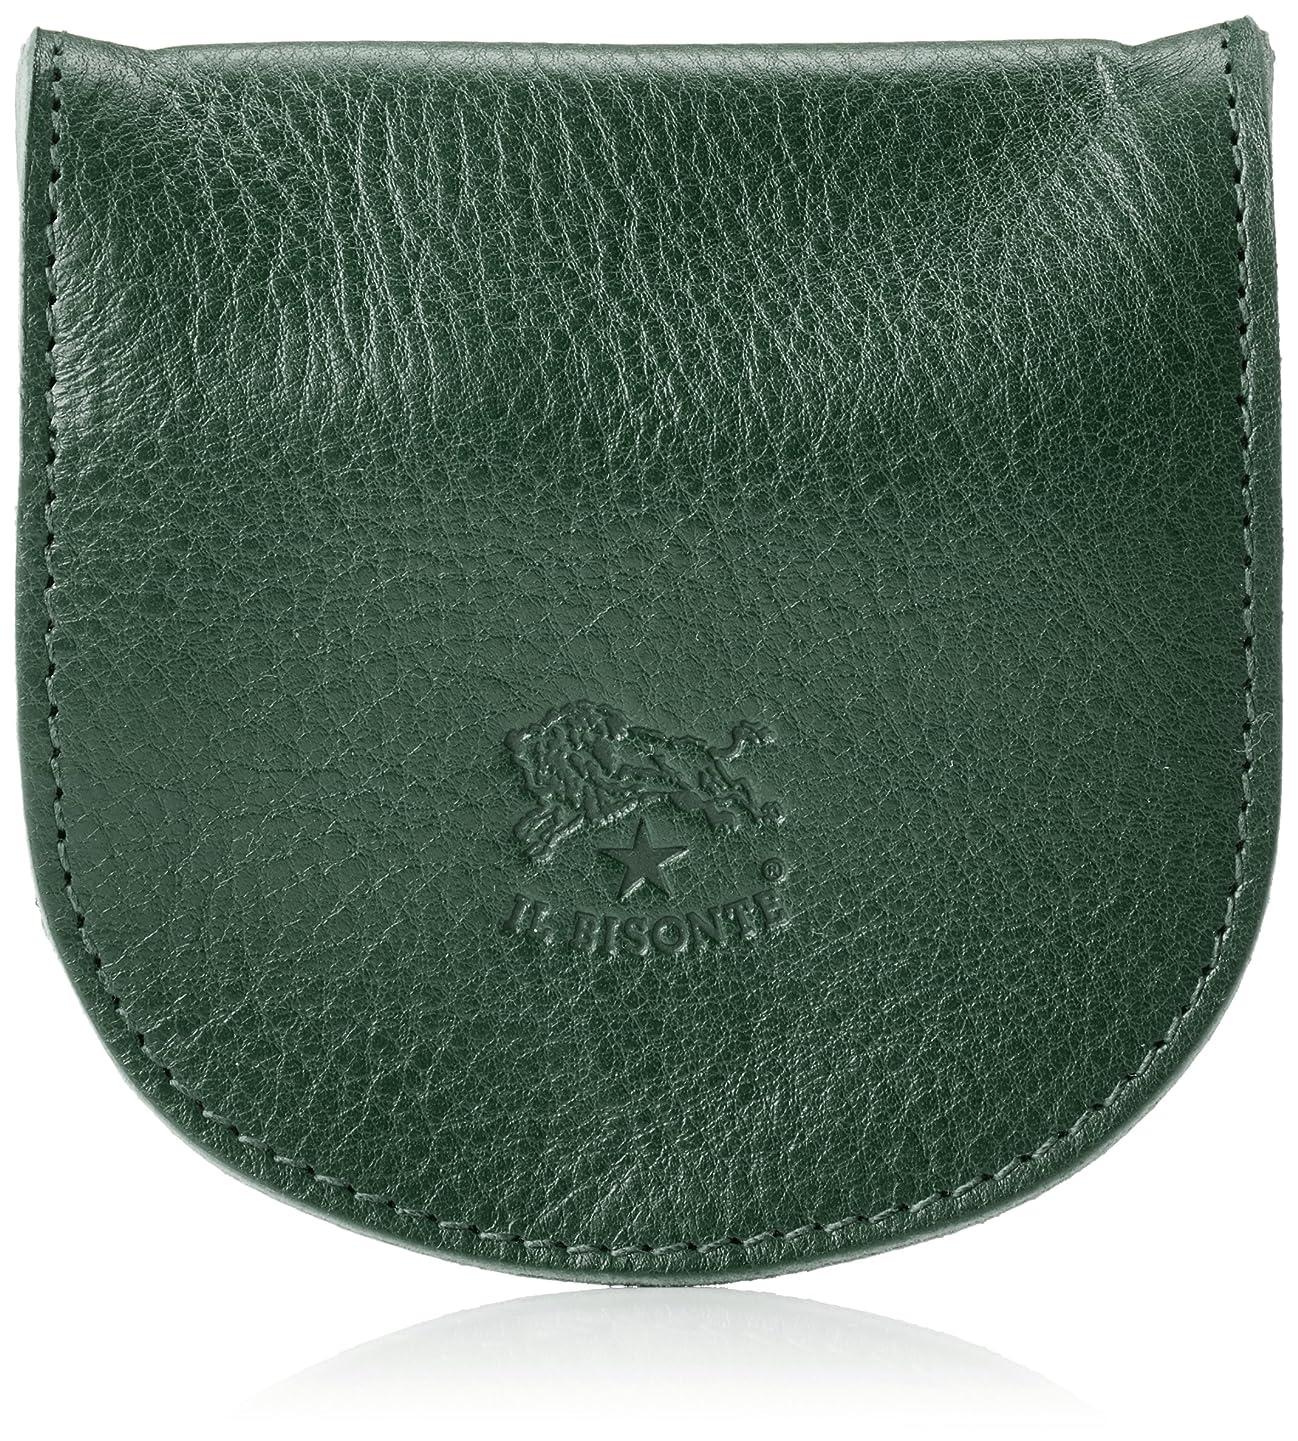 完了貫通する海[イル ビゾンテ] 小銭入れ C0934 Original Leather 並行輸入品 [並行輸入品]